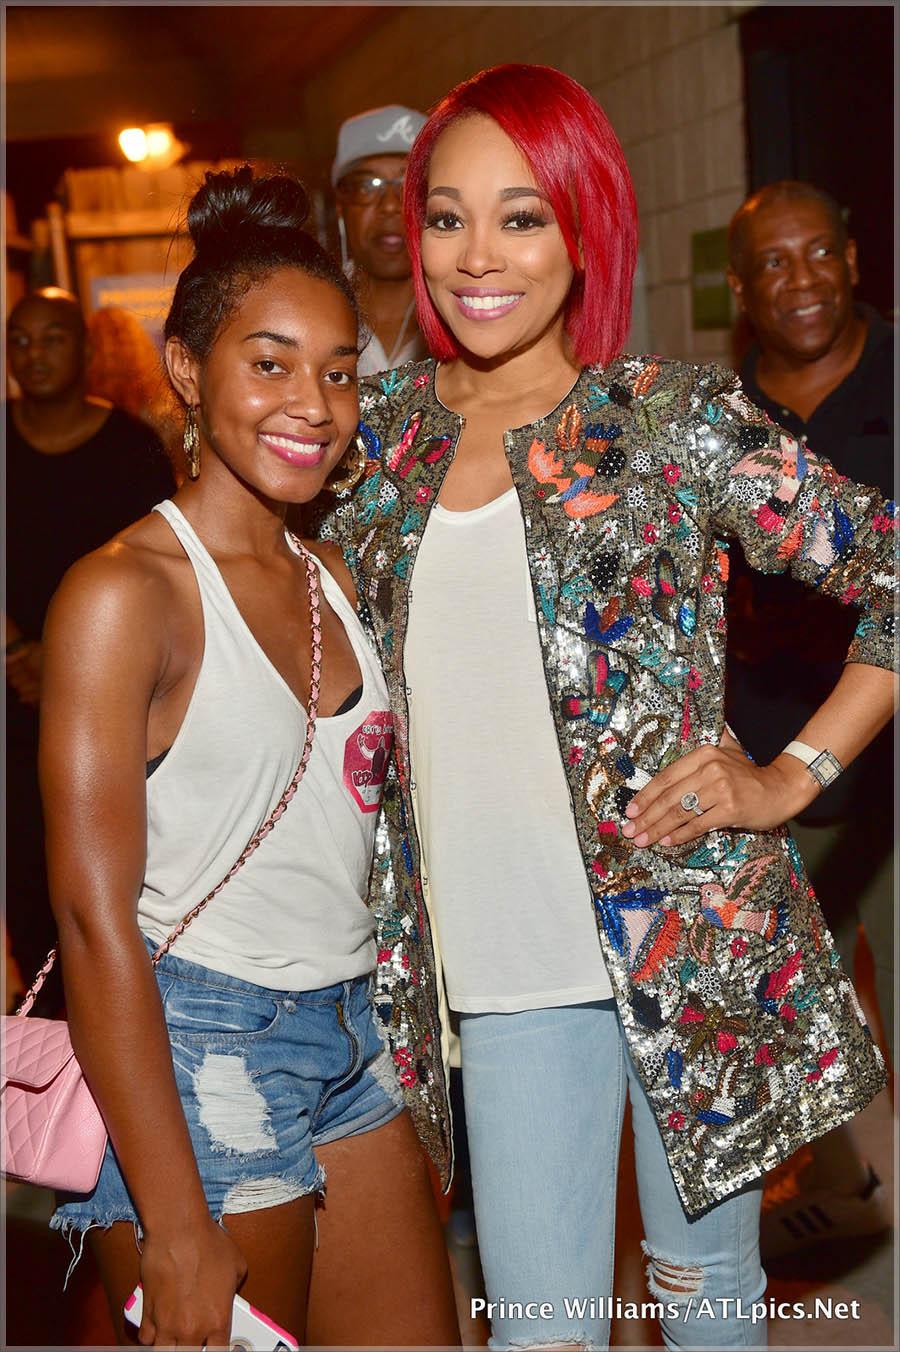 ... Brown and Jermaine Dupri's daughter Shaniah Mauldin | Sandra Rose: sandrarose.com/2015/09/stars-attend-chris-brown-concert-in-atlanta...